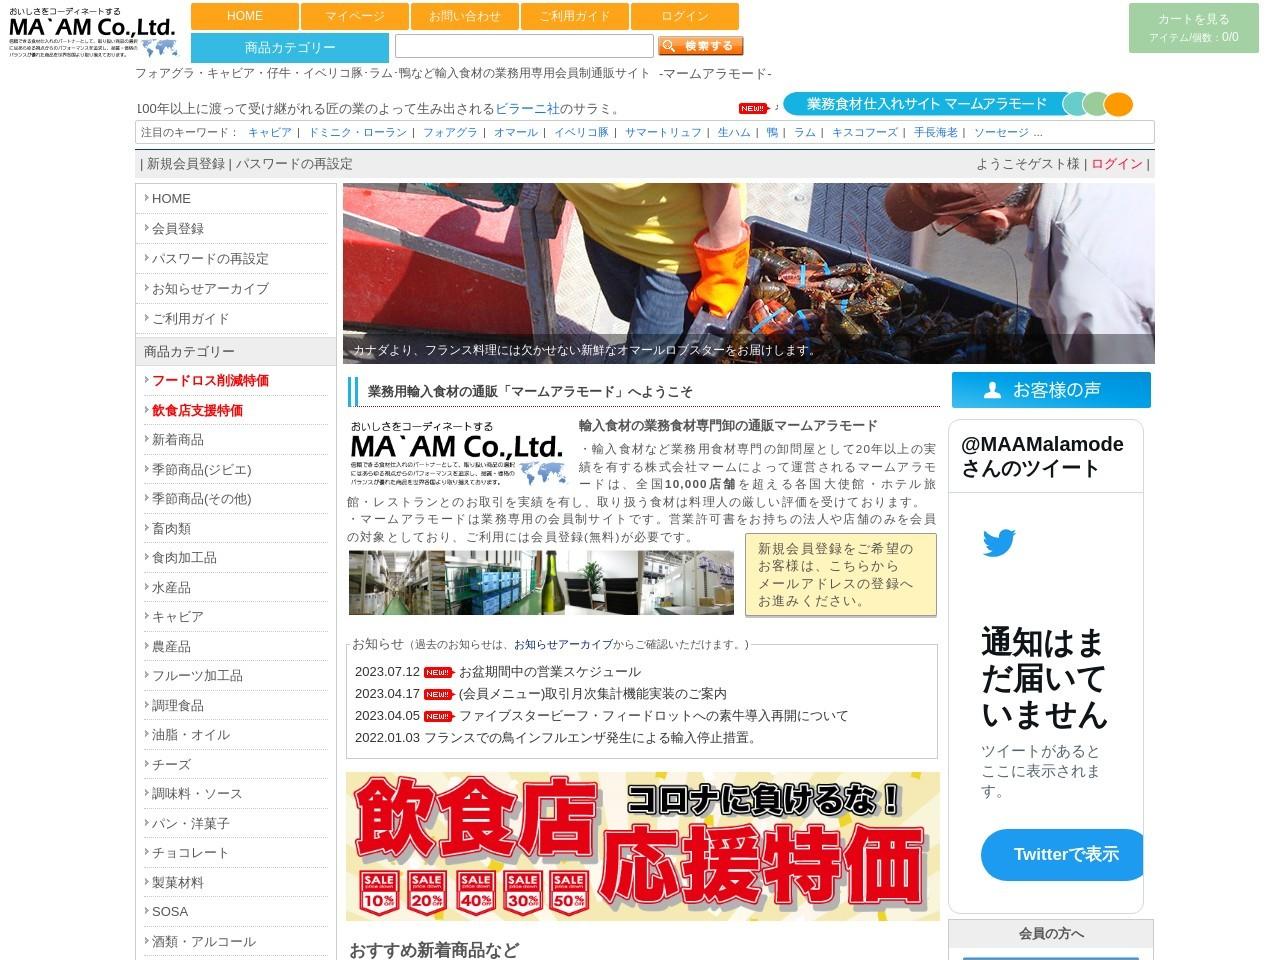 輸入食材など業務用食材卸専門の通販サイト「マーム アラモード」